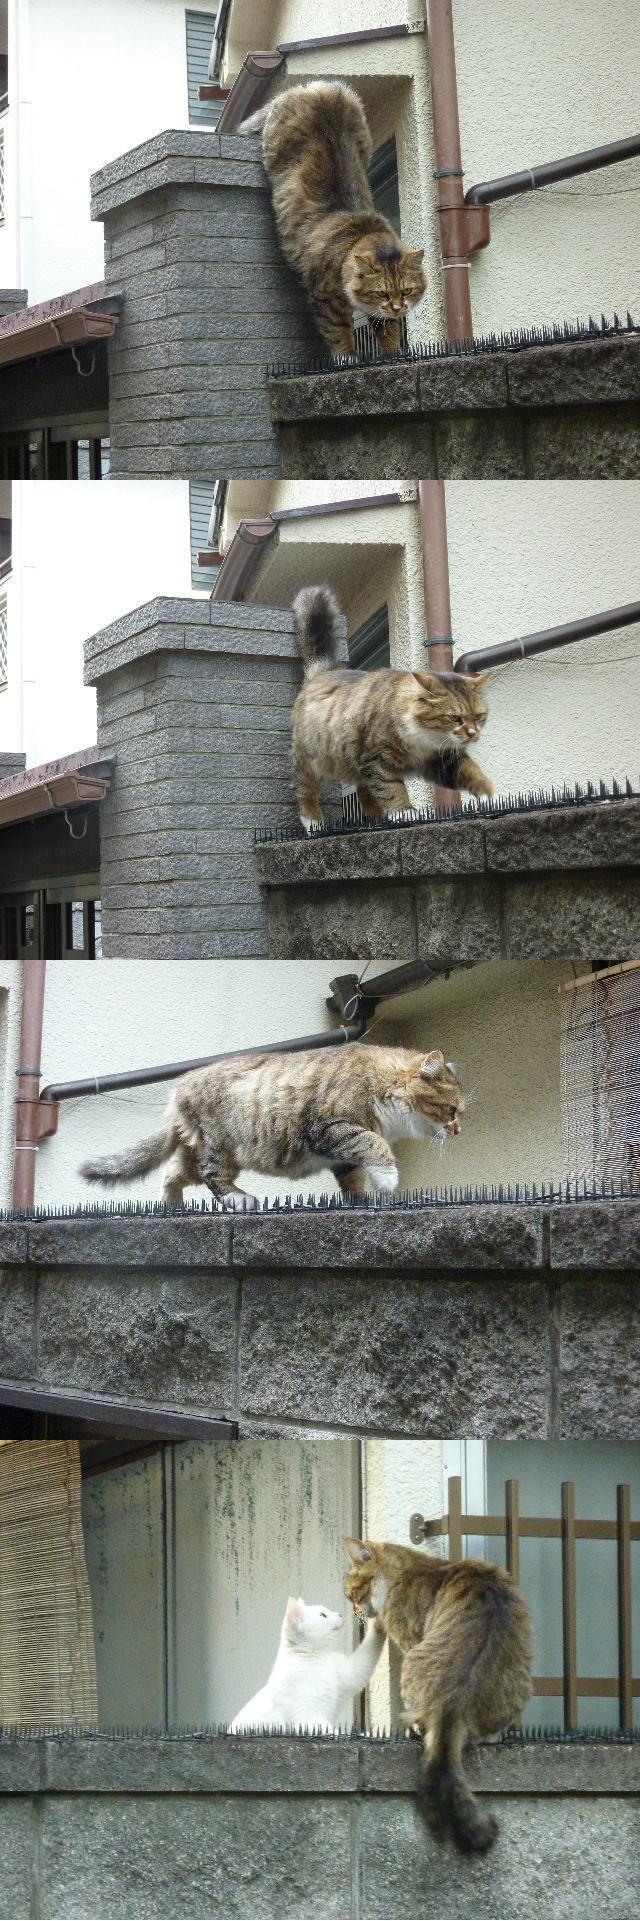 نوشته های جلال و گربه ای که می گوید: در ره منزل لیلی که خطرهاست در آن      شرط اول قدم آنست که مجنون باشی